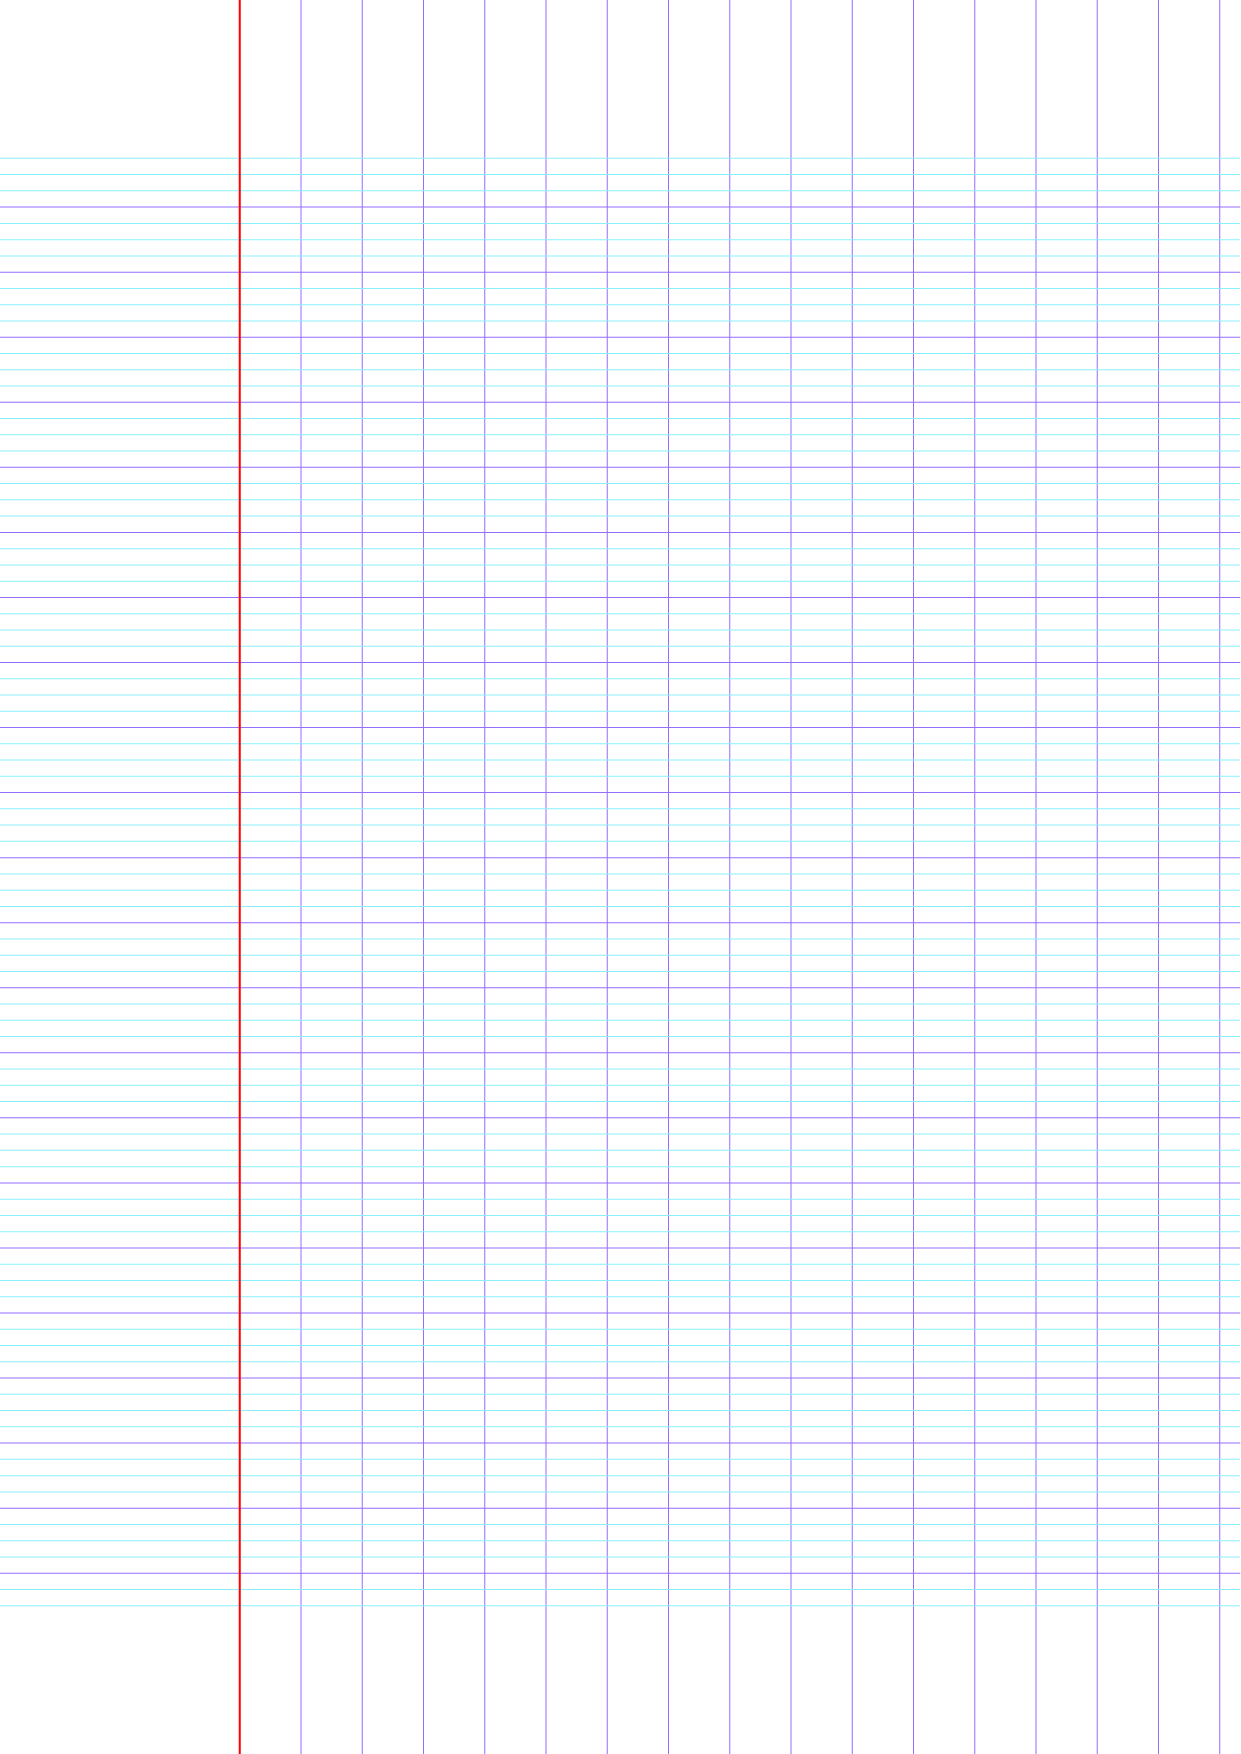 Feuille D'écriture Vierge À Imprimer   Exercices D'écriture concernant Feuille D Ecriture Maternelle À Imprimer